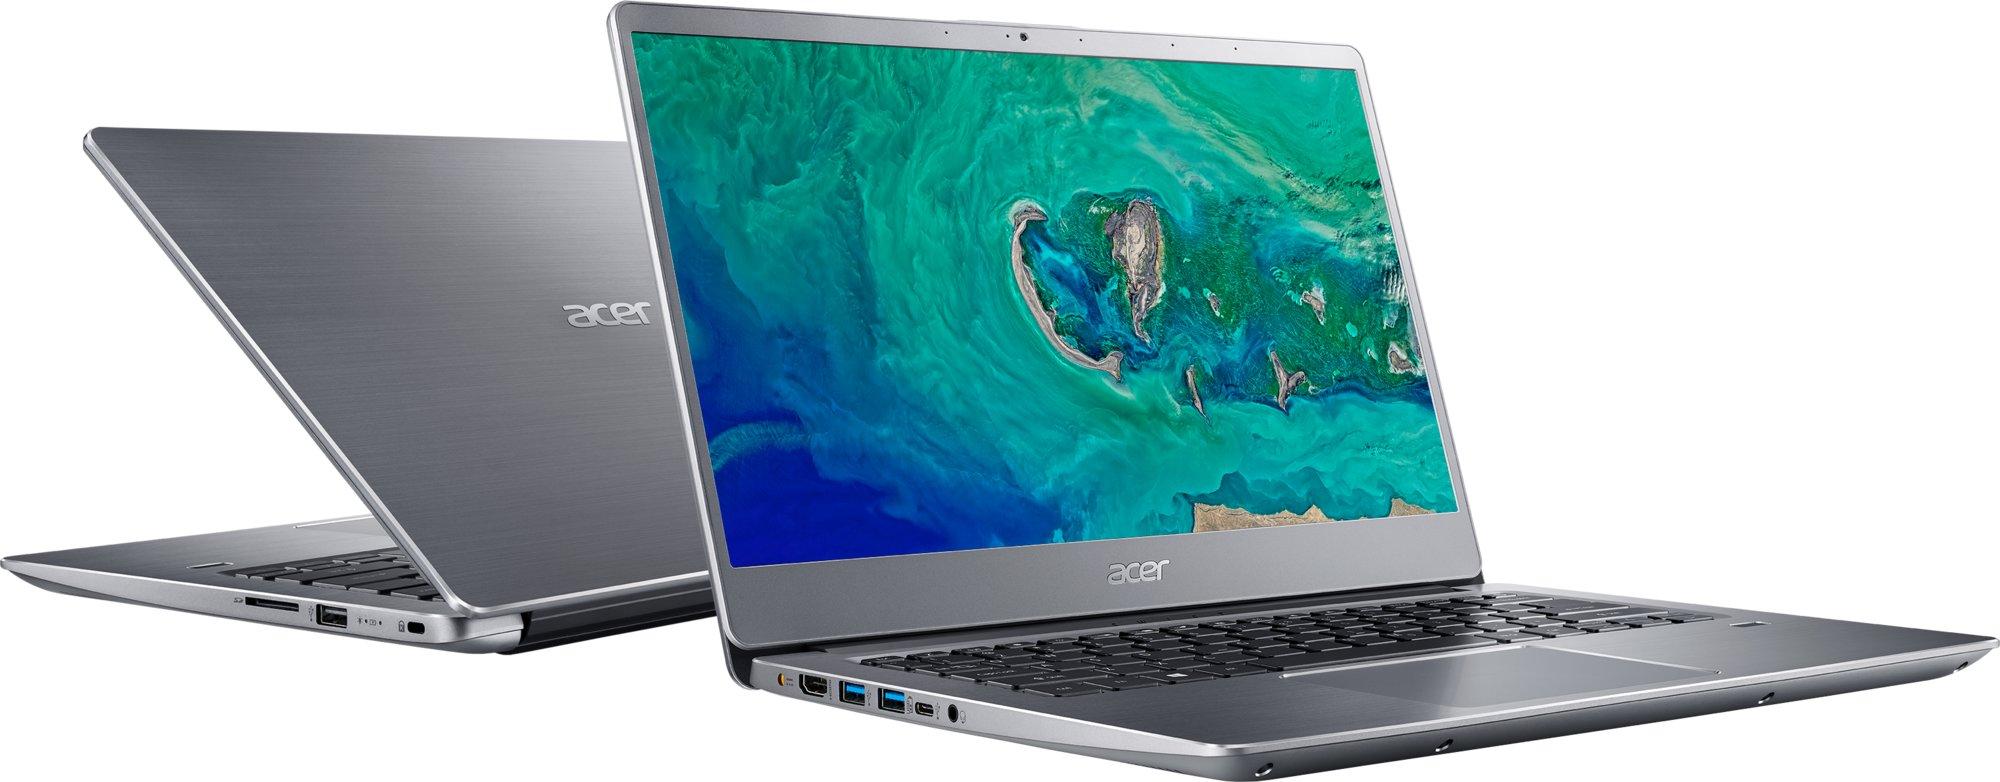 Acer Swift 3 SF314-56-719J